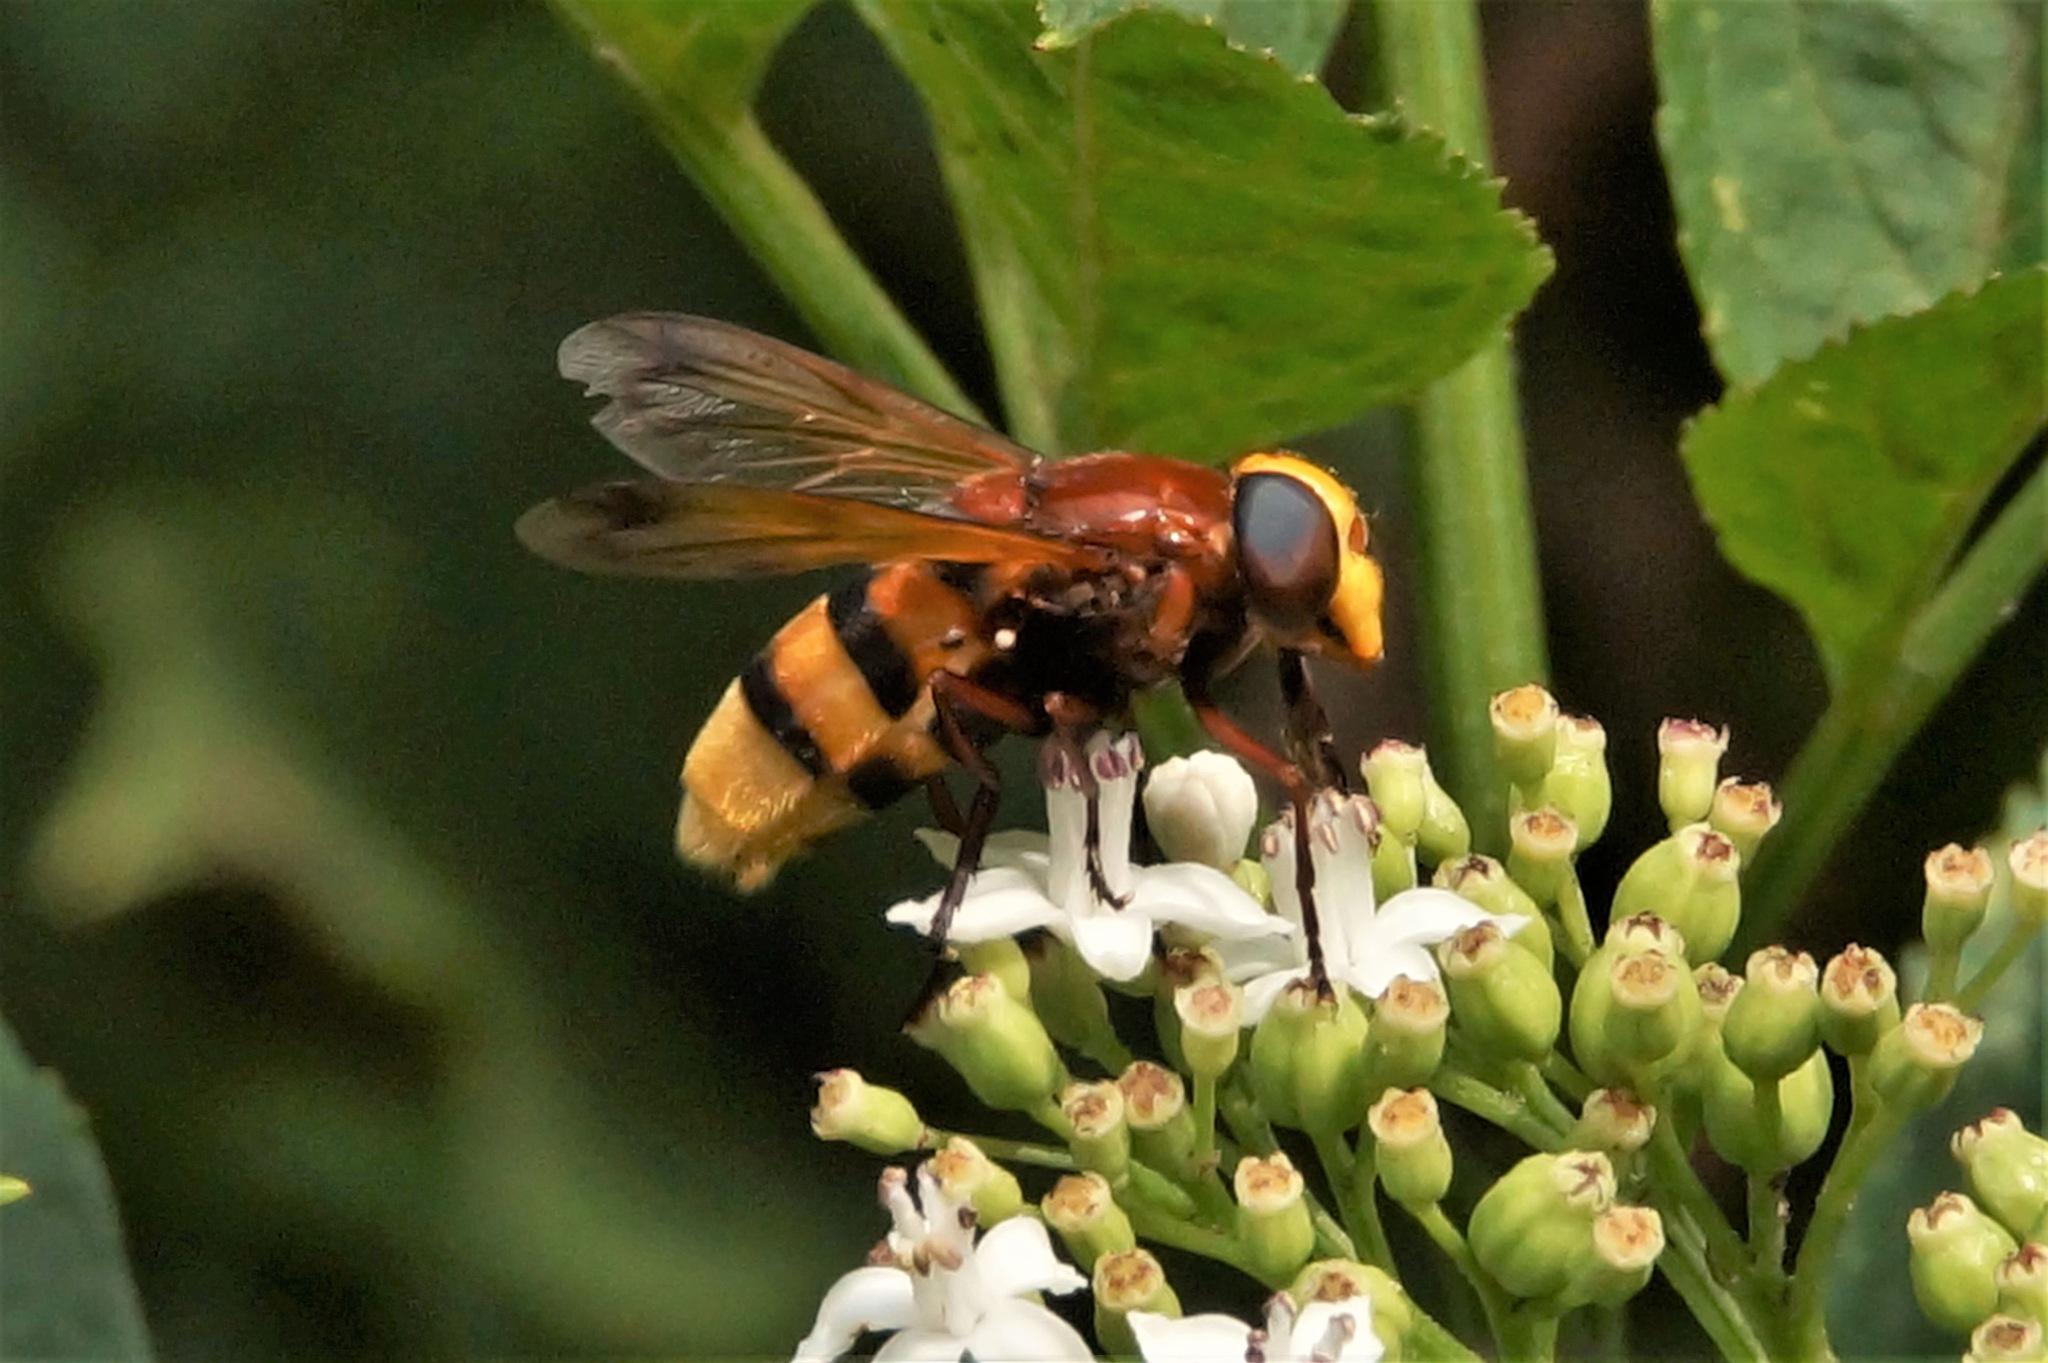 July 16, the hornet mimic hoverfly by hunyadigeza